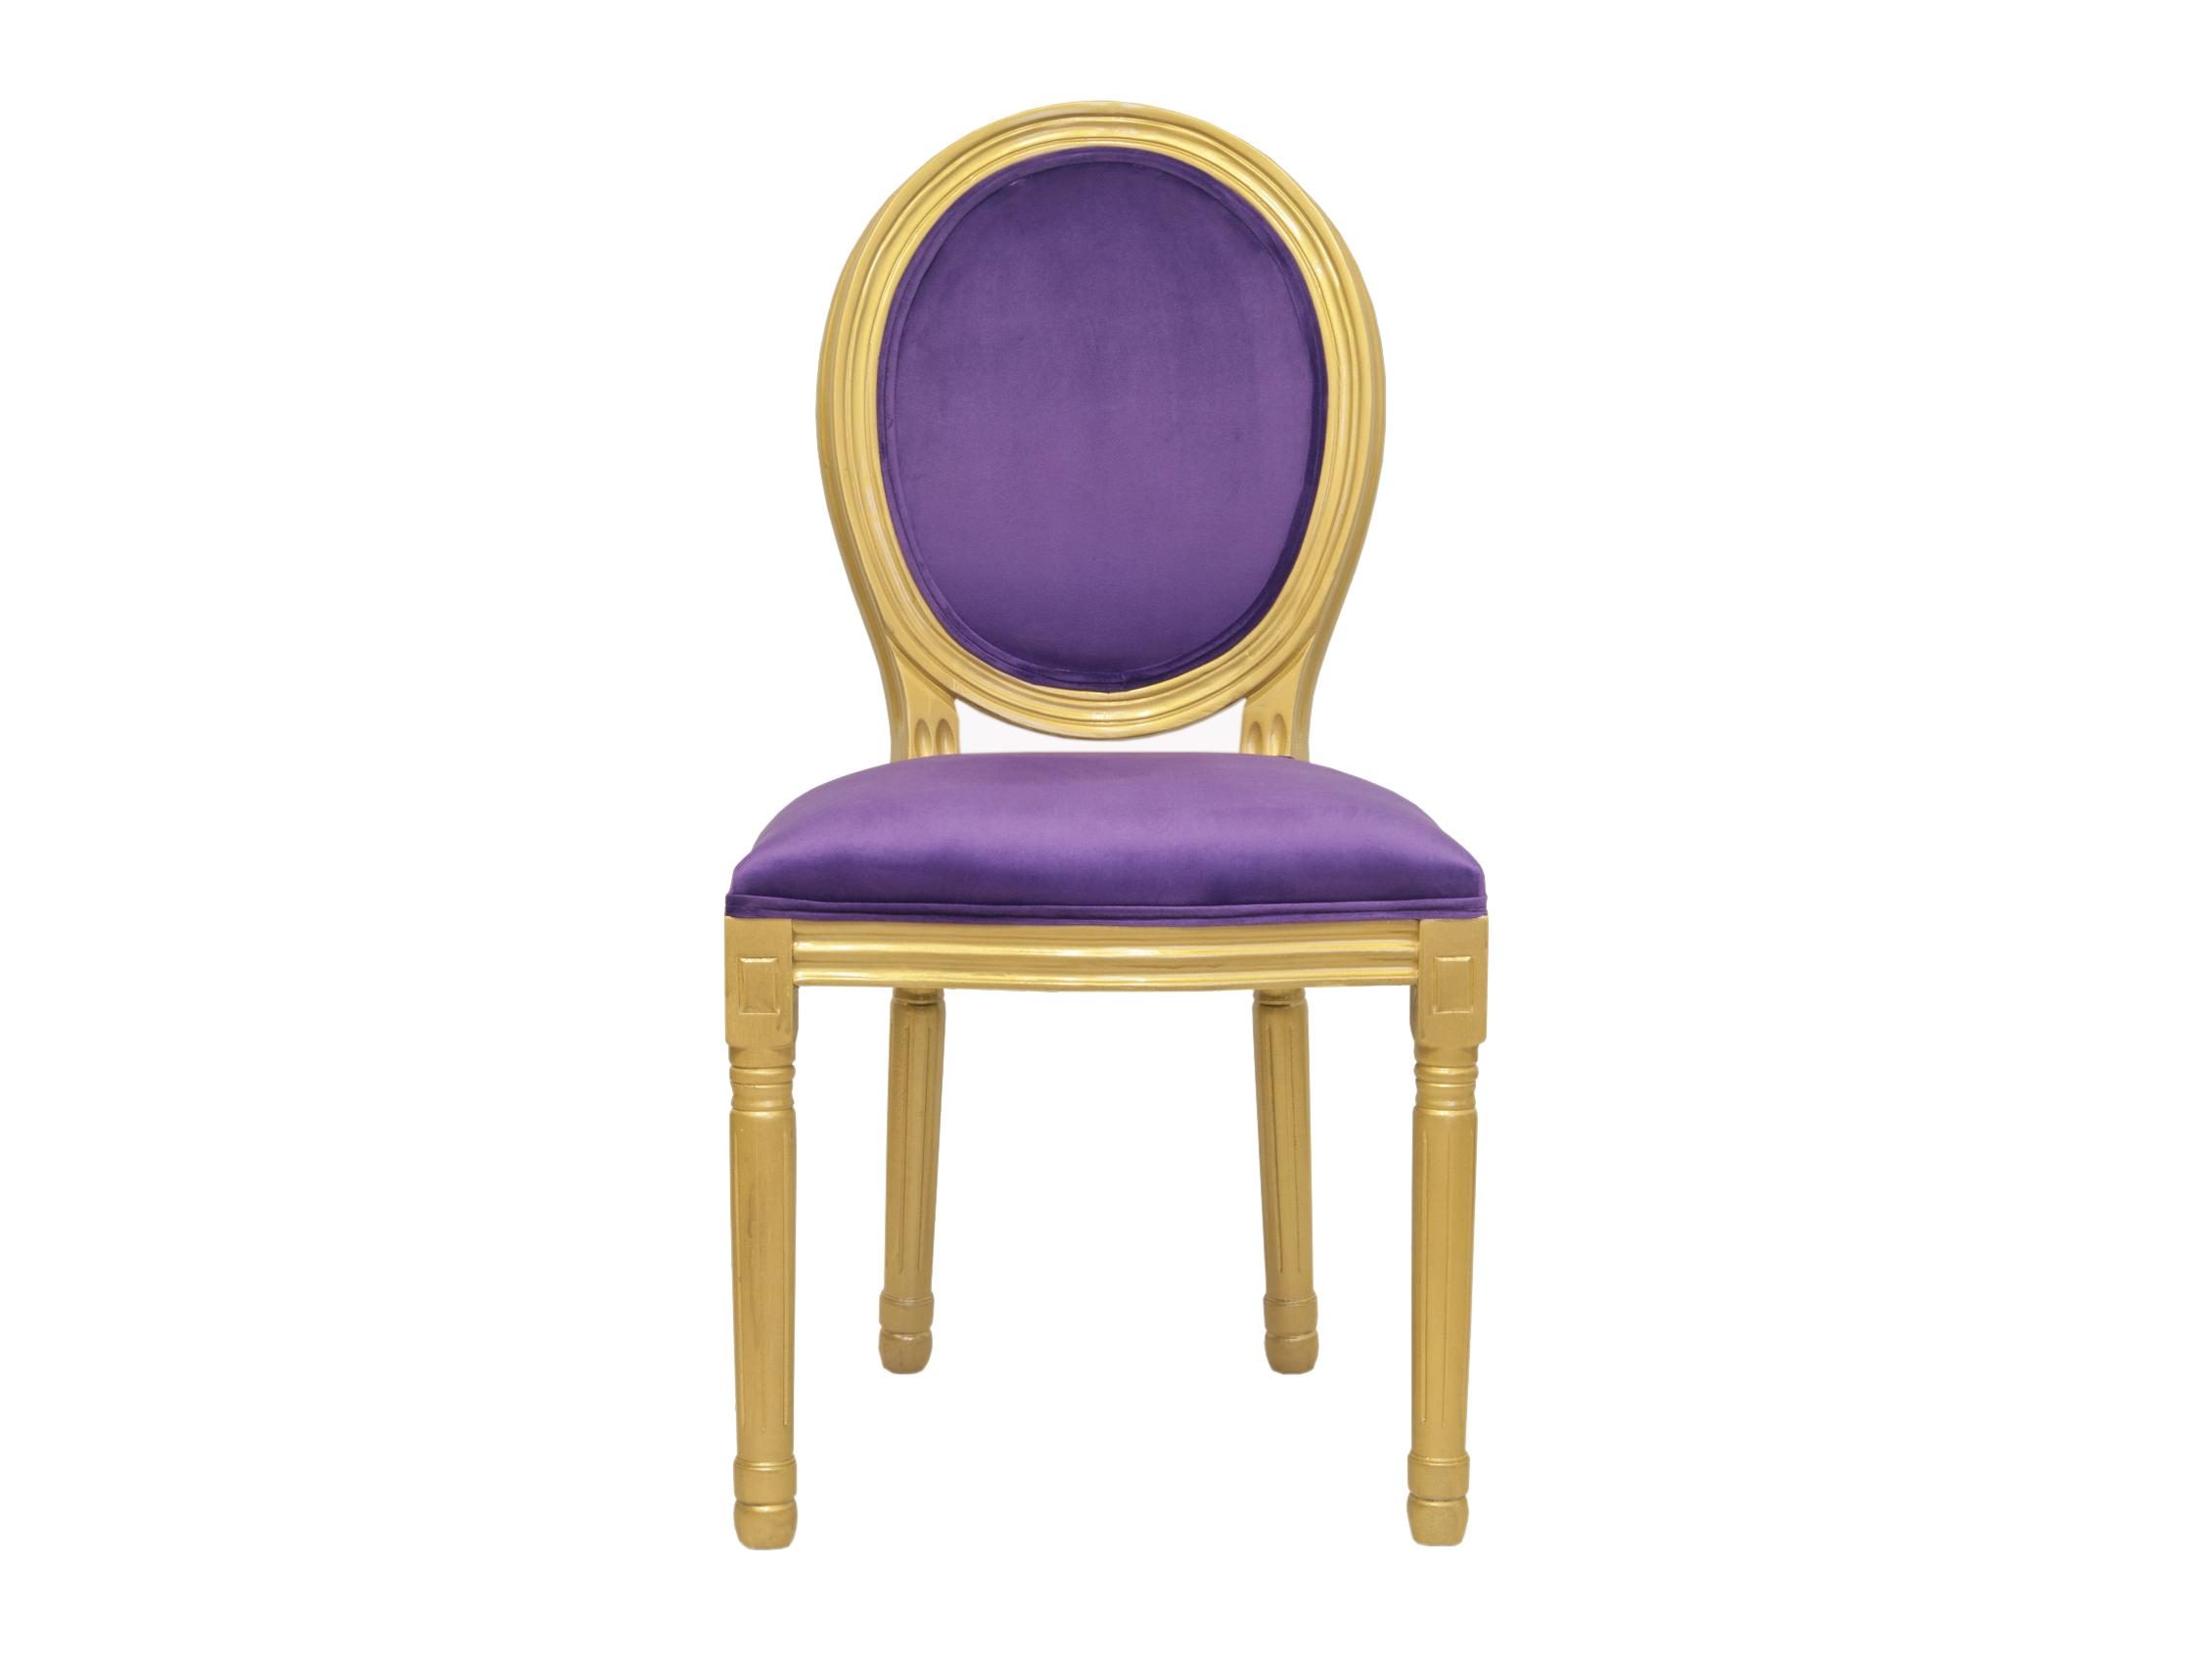 Стул VolkerОбеденные стулья<br>Cтул Volker с округлой спинкой напоминающей медальон, выполнен в элегантном классическом французском стиле. Основание модели выполнено из ценной породы древесины - массива каучукового дерева, выкрашенного в цвет золота. Такой стул эффектно смотрится как в контрастной, так и в однотонной обстановке.&amp;lt;div&amp;gt;&amp;lt;br&amp;gt;&amp;lt;/div&amp;gt;&amp;lt;div&amp;gt;Материал: Велюр, каучуковое дерево&amp;lt;/div&amp;gt;<br><br>Material: Дерево<br>Ширина см: 50.0<br>Высота см: 100.0<br>Глубина см: 54.0